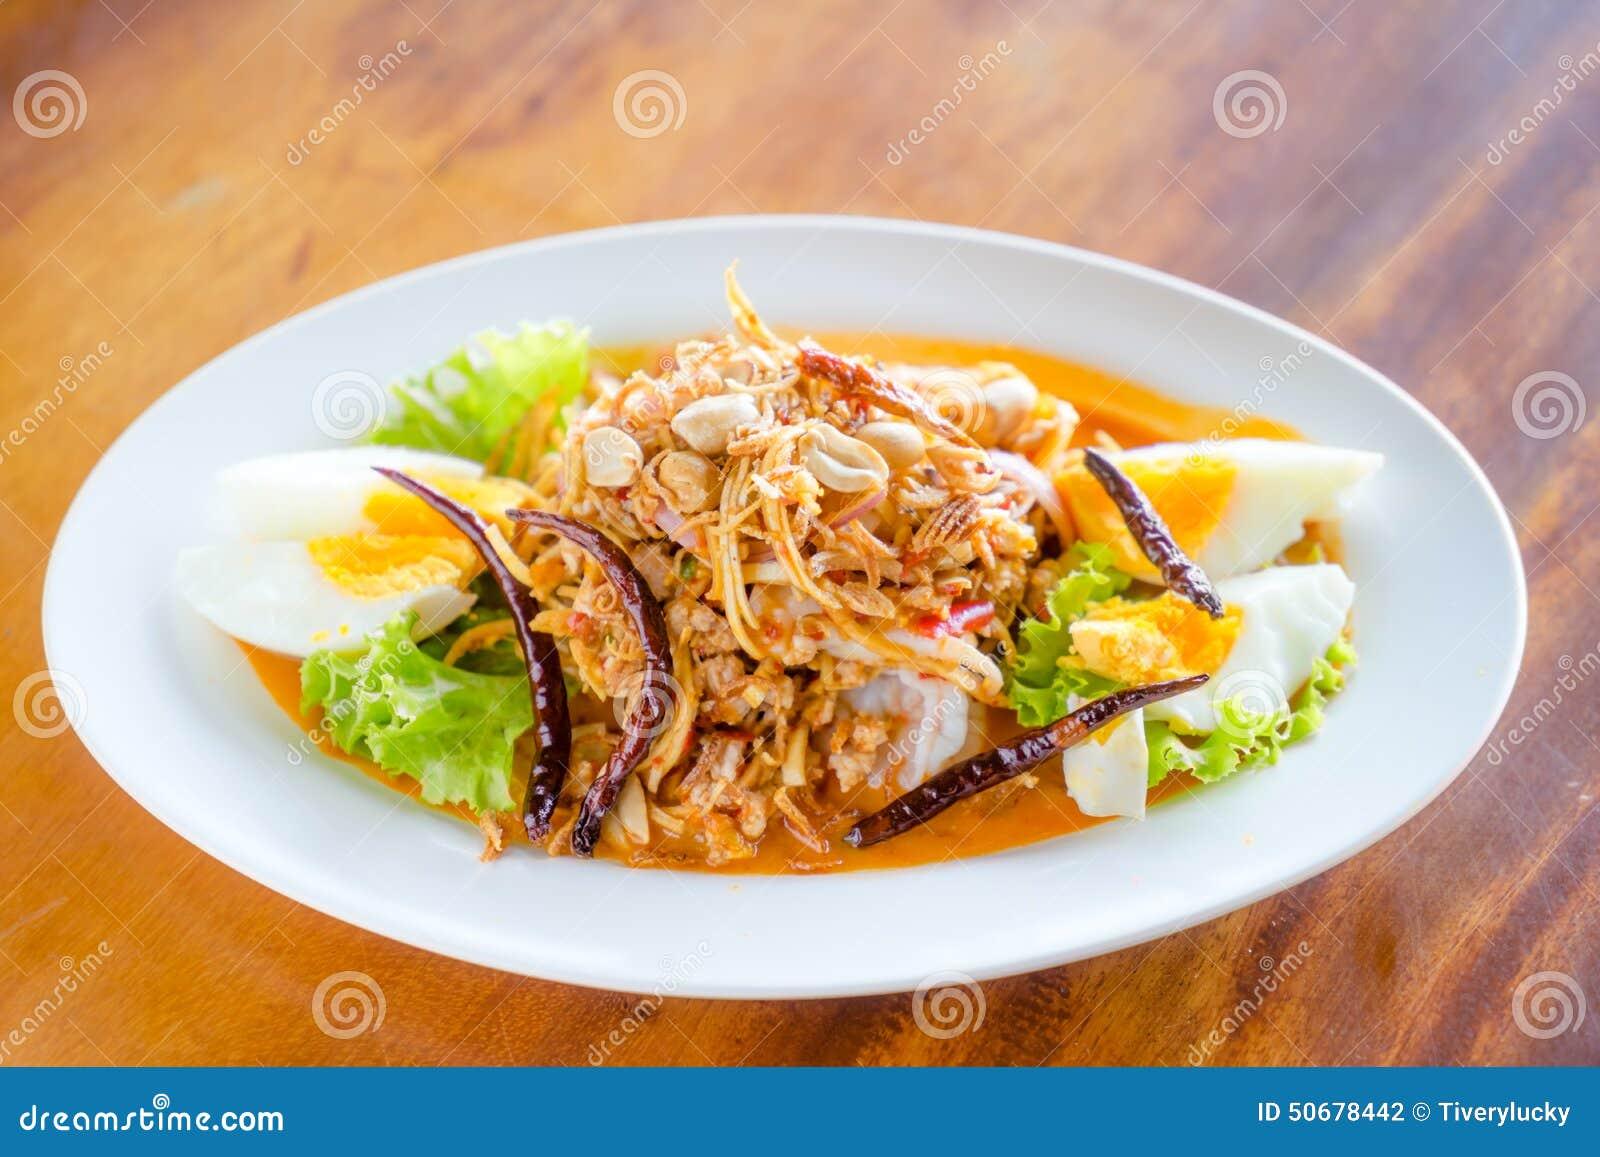 Download 泰国的食物 库存照片. 图片 包括有 红色, 食物, 美味, 类似, 自然, 正餐, 特写镜头, 烹调, 辣椒 - 50678442